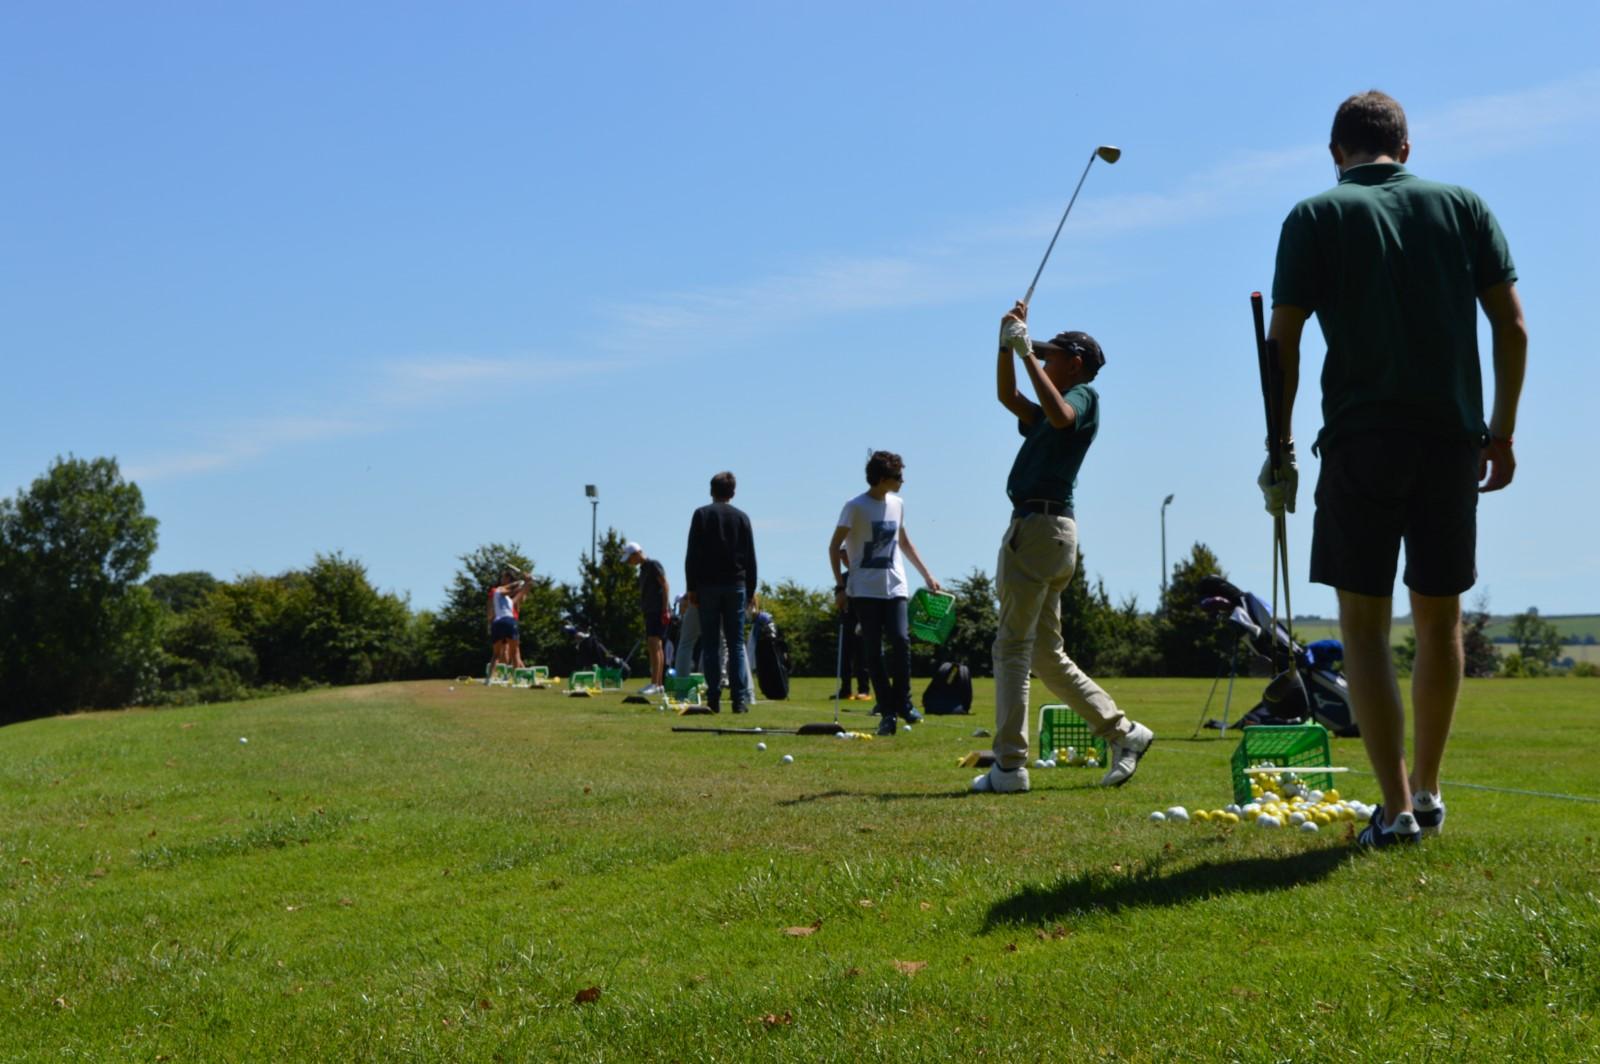 Séjour linguistique d'anglais plus golf en Irlande